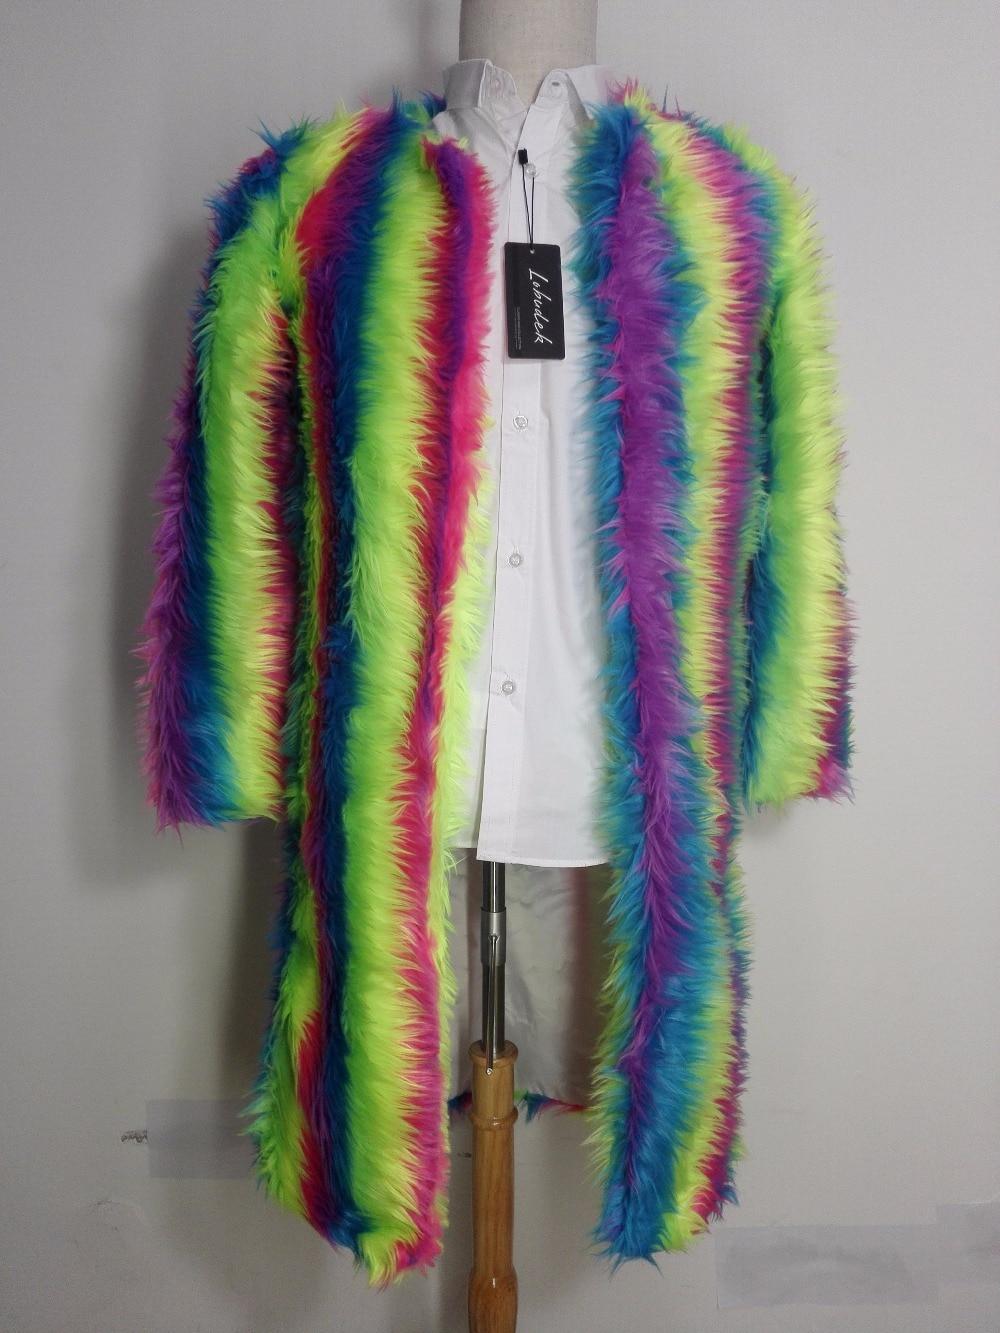 Chanteur cropped Jacket Jacket En Mâle Manteau De Danseur Costumes Costume Performance Show Étoiles vent Fourrure Long Arc Peluche Usure Mince D'hiver Veste Coupe Discothèque 1crUq1ywBA